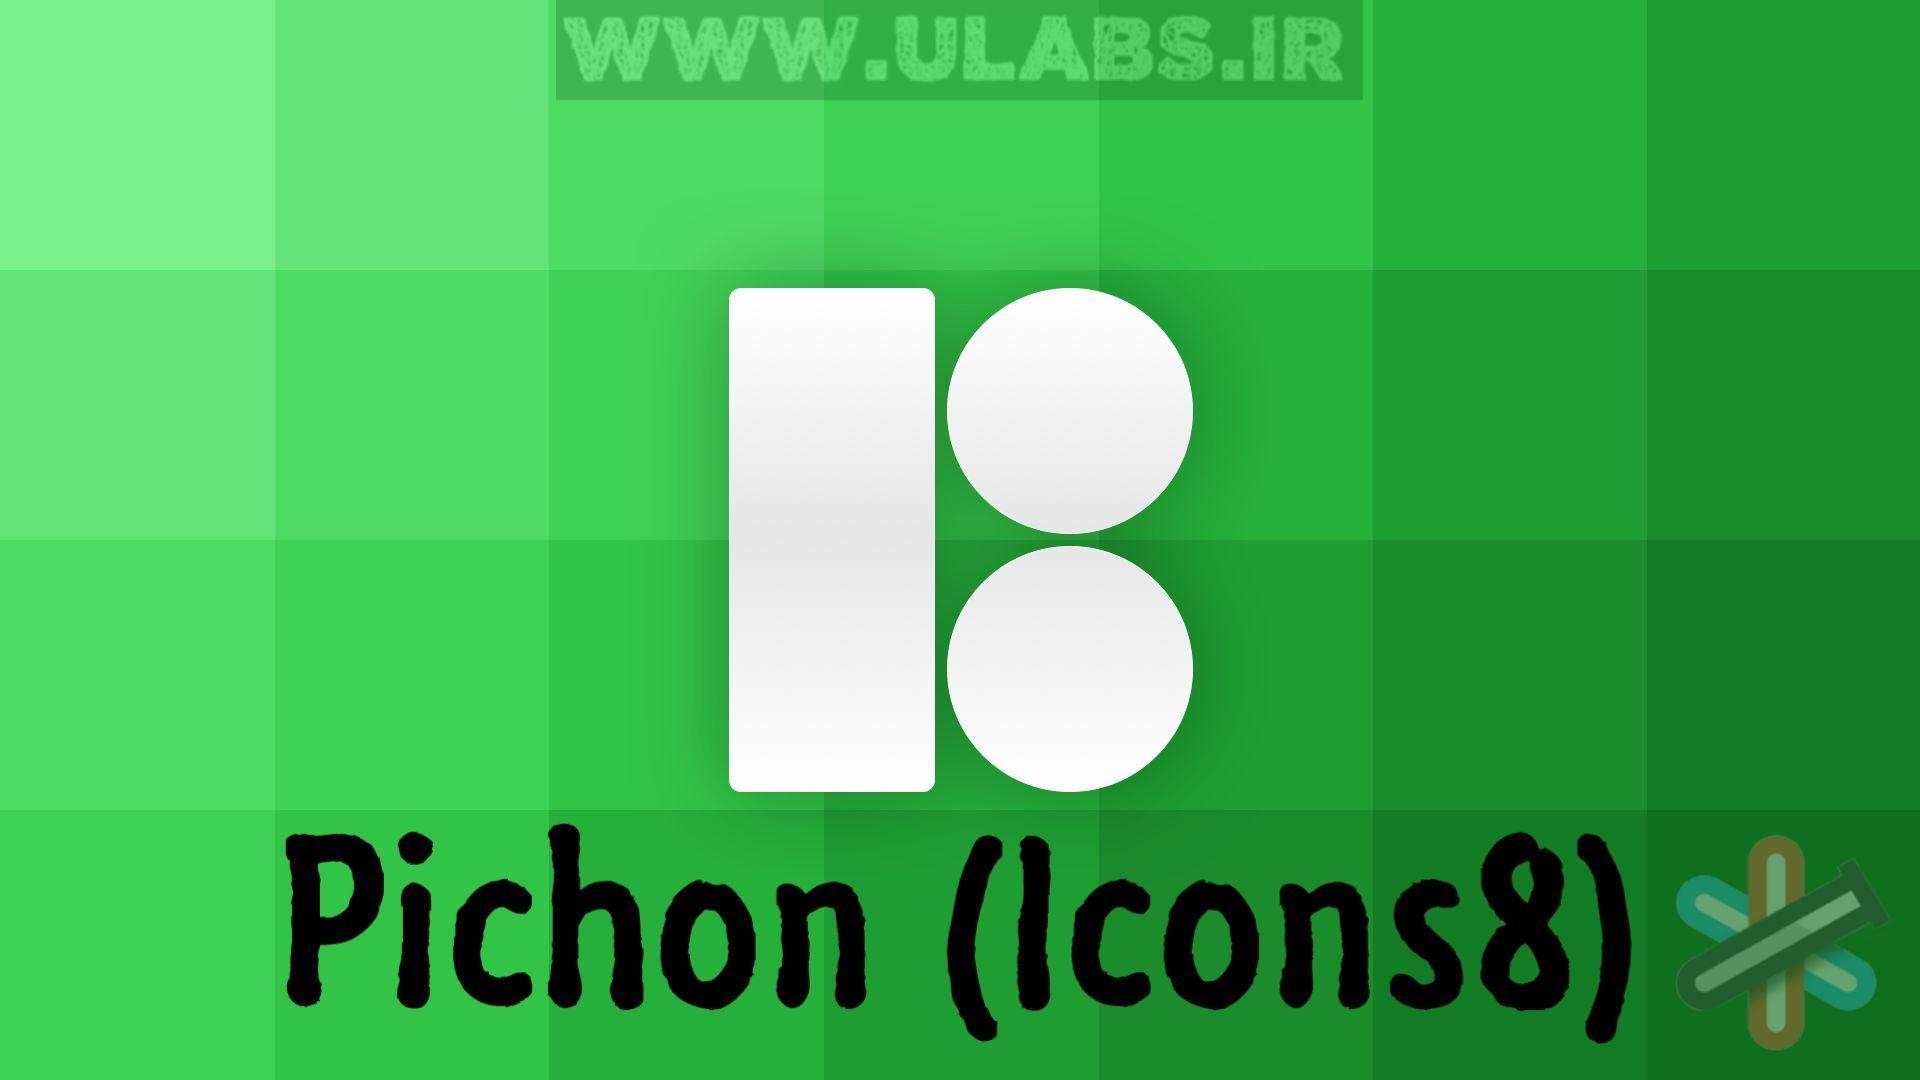 دانلود نرم افزار Pichon (Icons8) 7.5.1 | مجموعه عظیم از آیکون ها 1